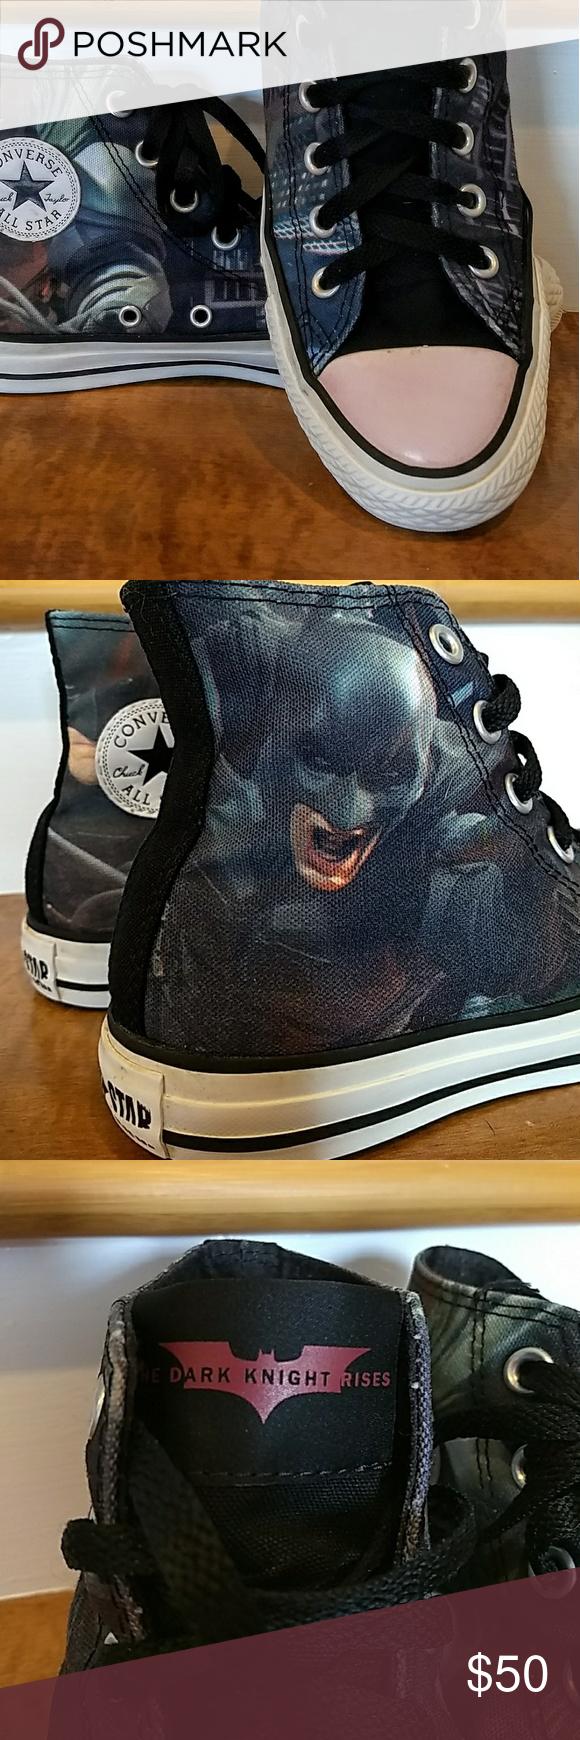 Batman Dark Knight Rises Size M4 W6 The Dark Knight Rises x Converse Chuck  Taylor 557eab2a5